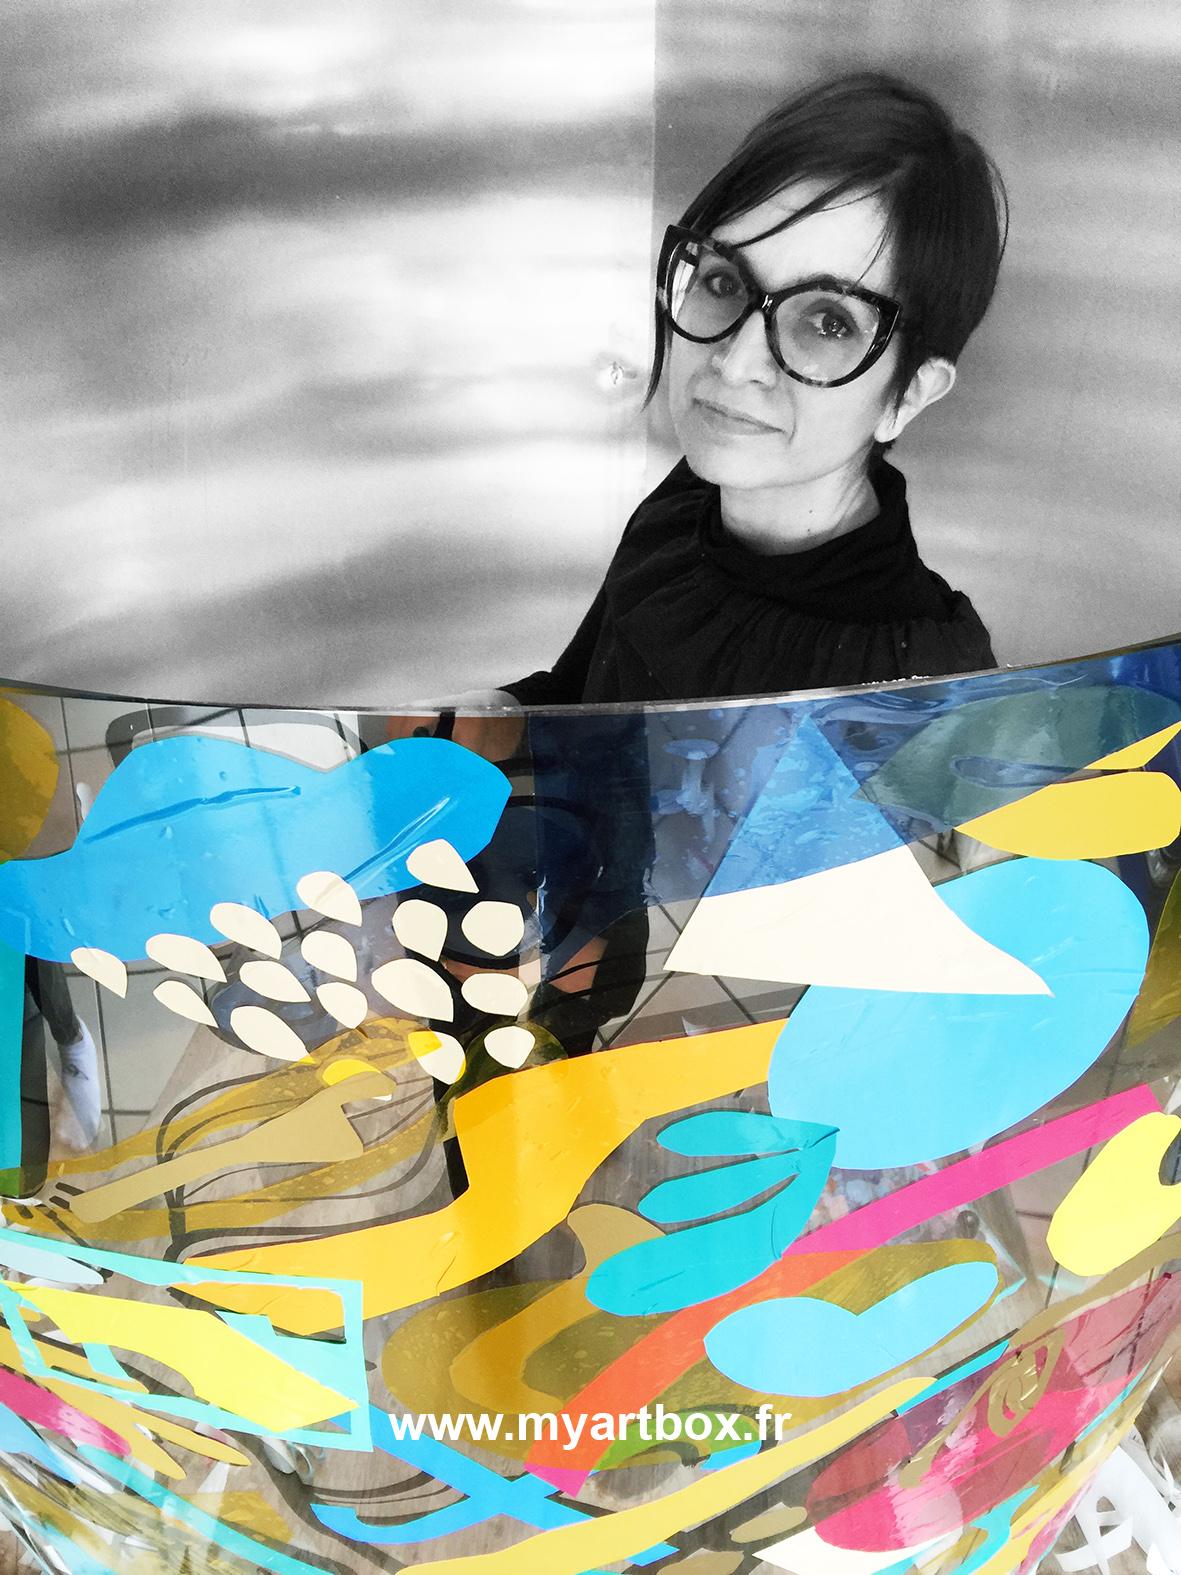 Anaystof fresque 3